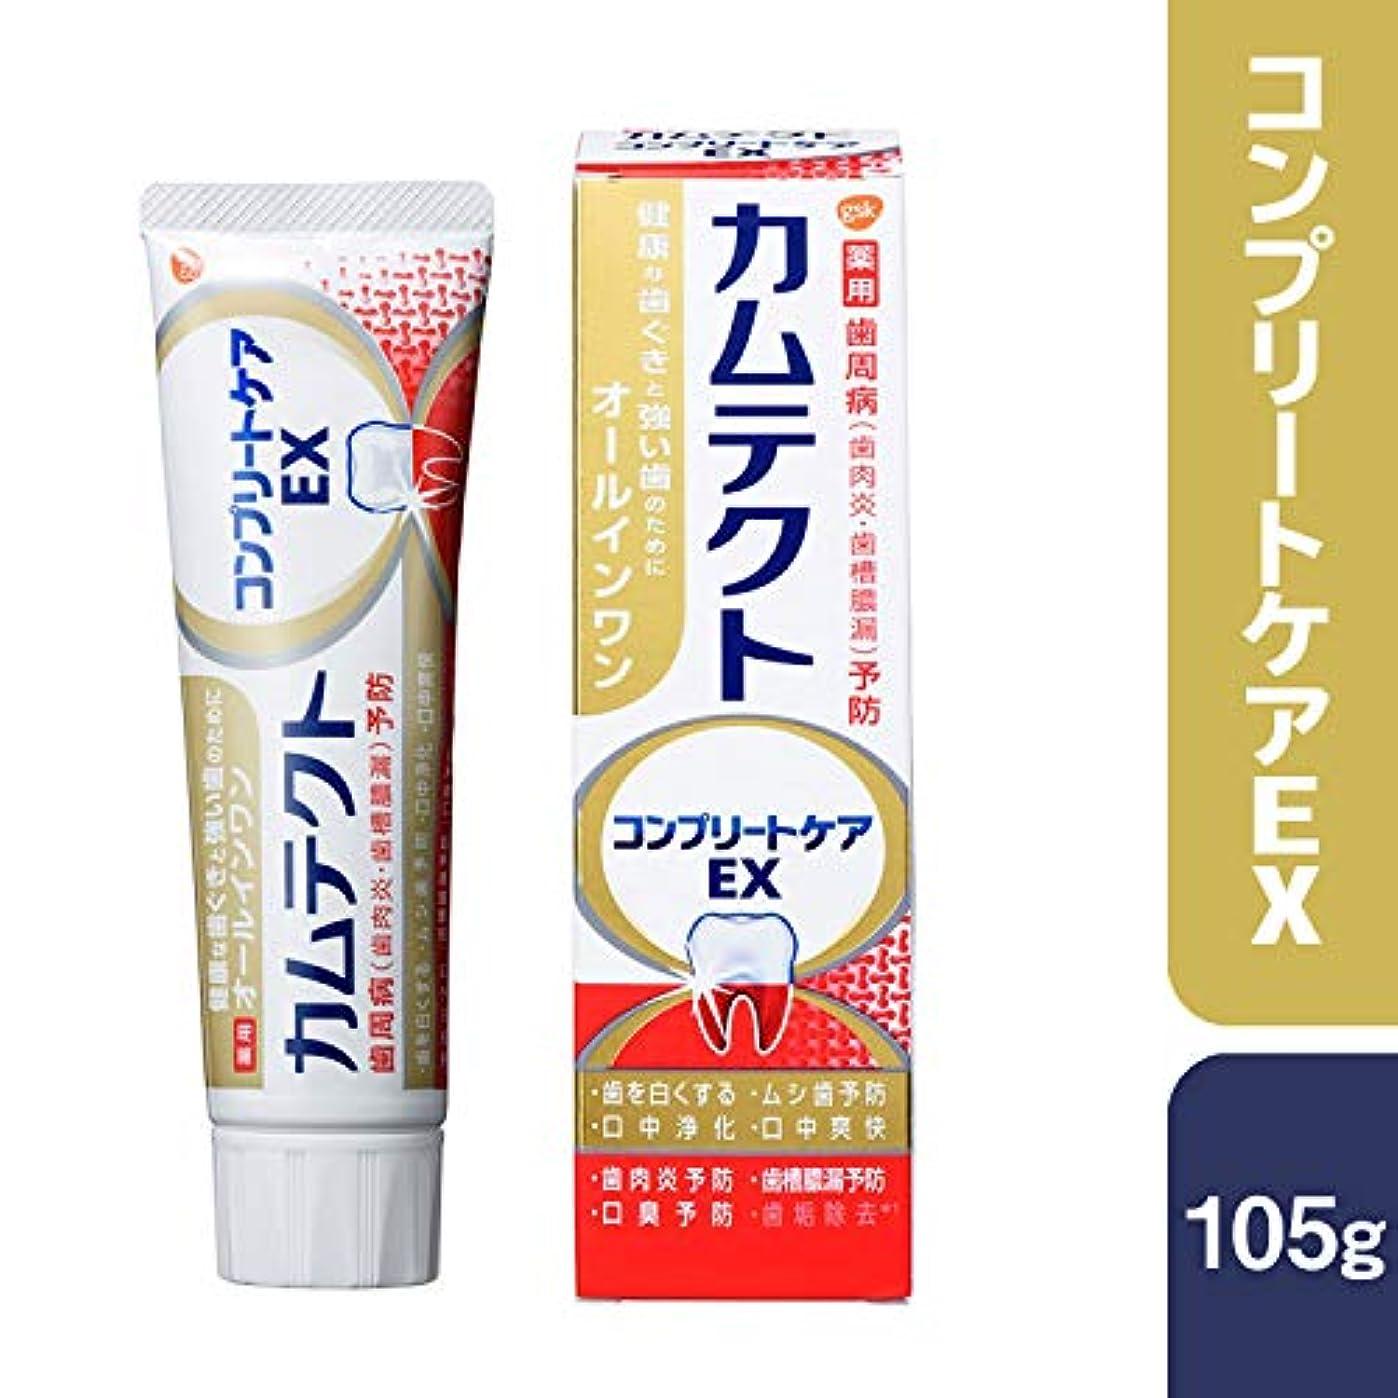 [医薬部外品]カムテクト コンプリートケアEX  歯周病(歯肉炎?歯槽膿漏) 予防 歯磨き粉 105g